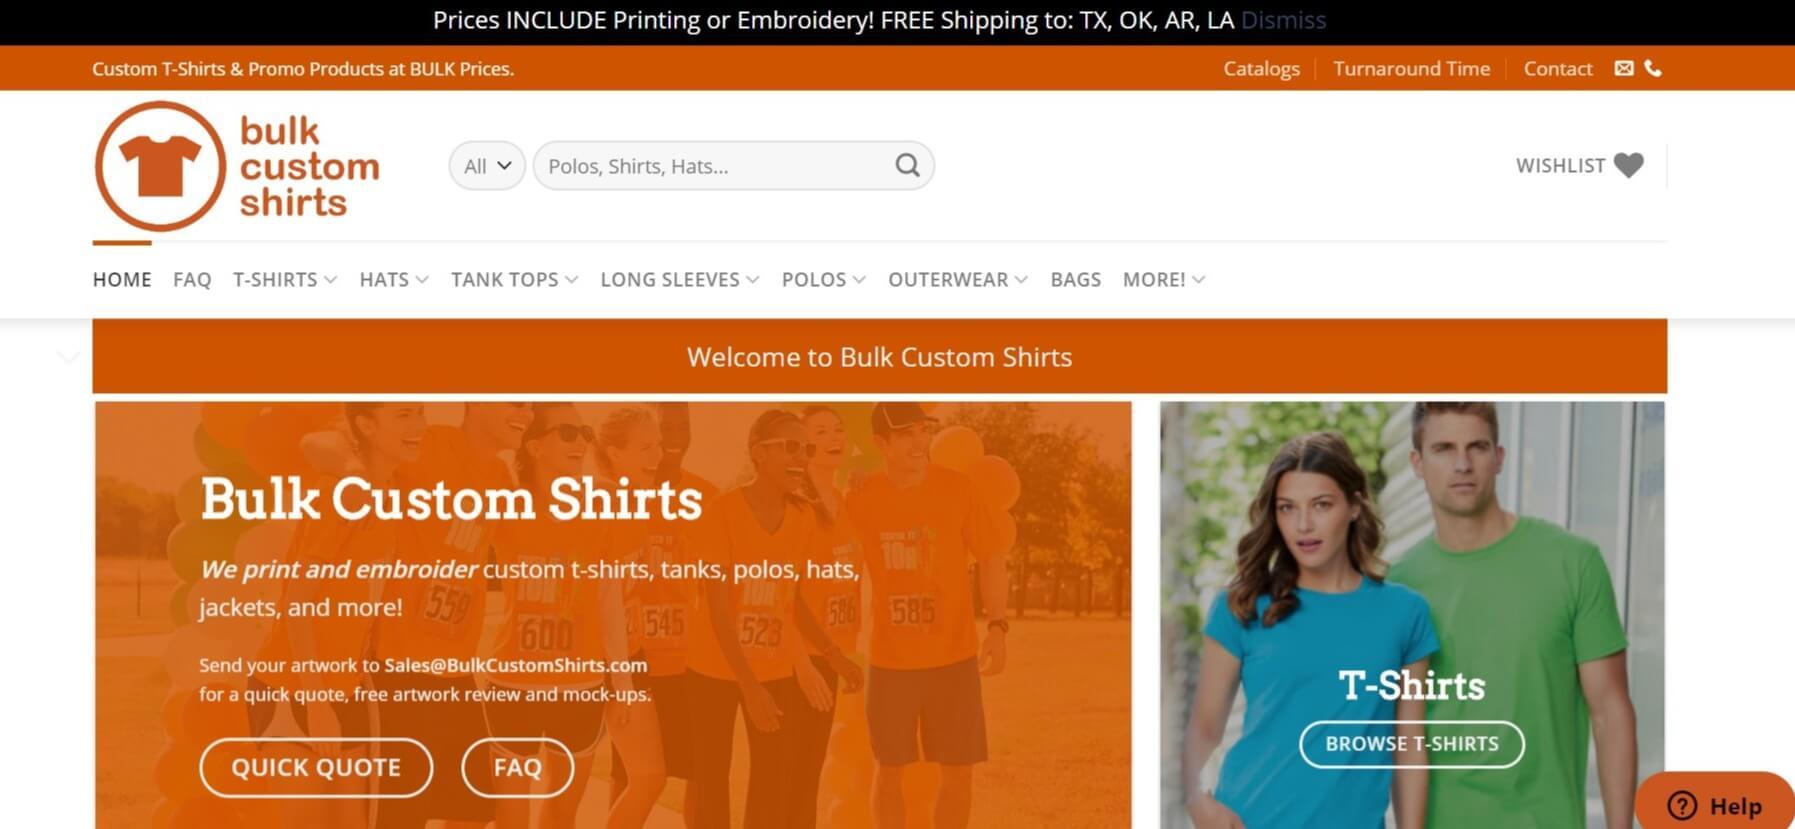 Bulk Custom Shirts homepage